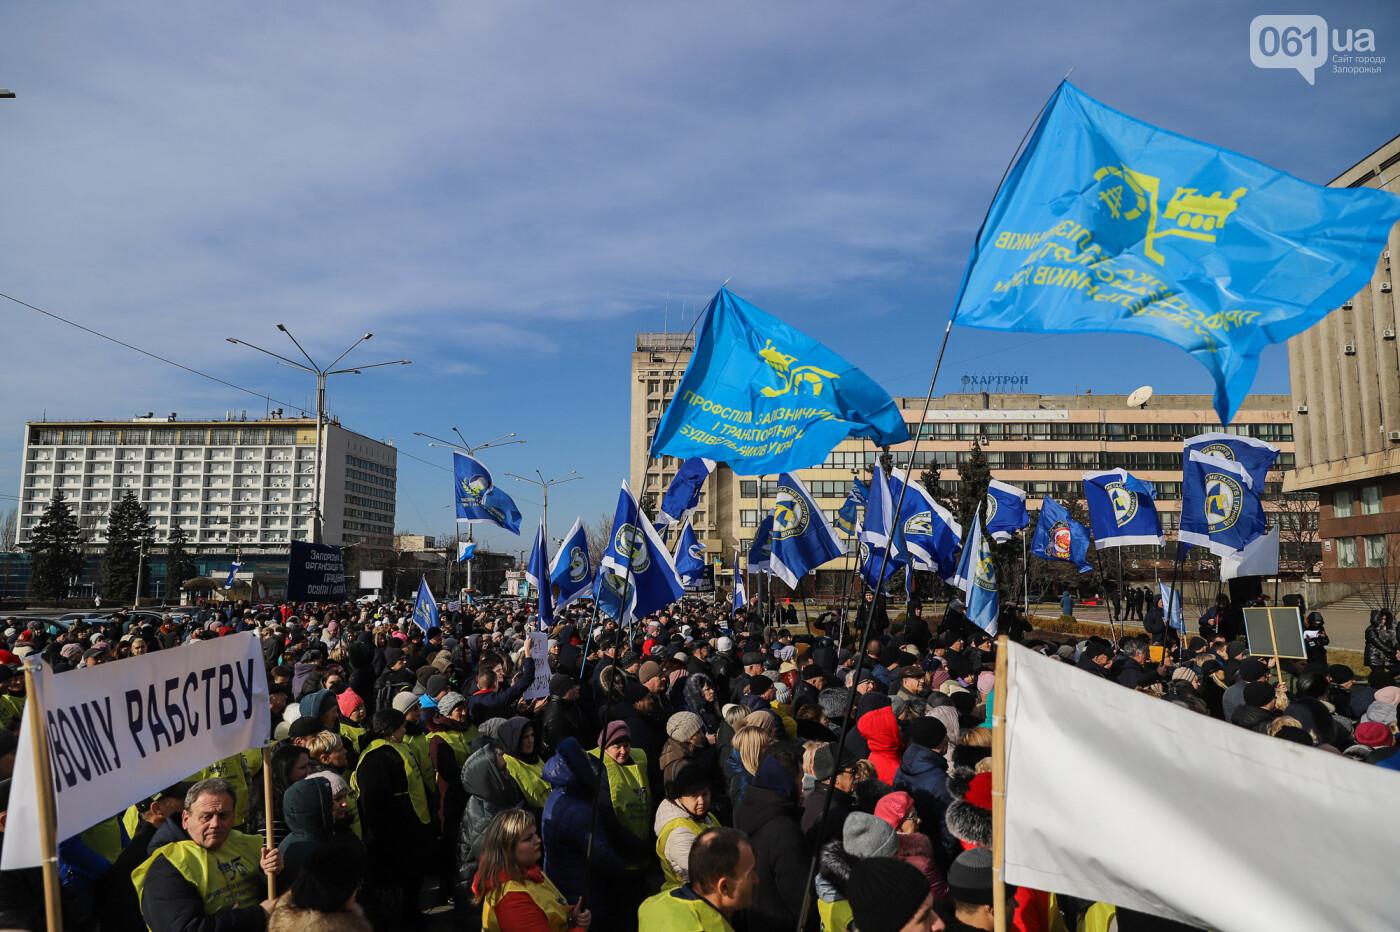 В Запорожье на протестную акцию профсоюзов «Волна гнева» вышло около 2000 человек, - ФОТОРЕПОРТАЖ, фото-19